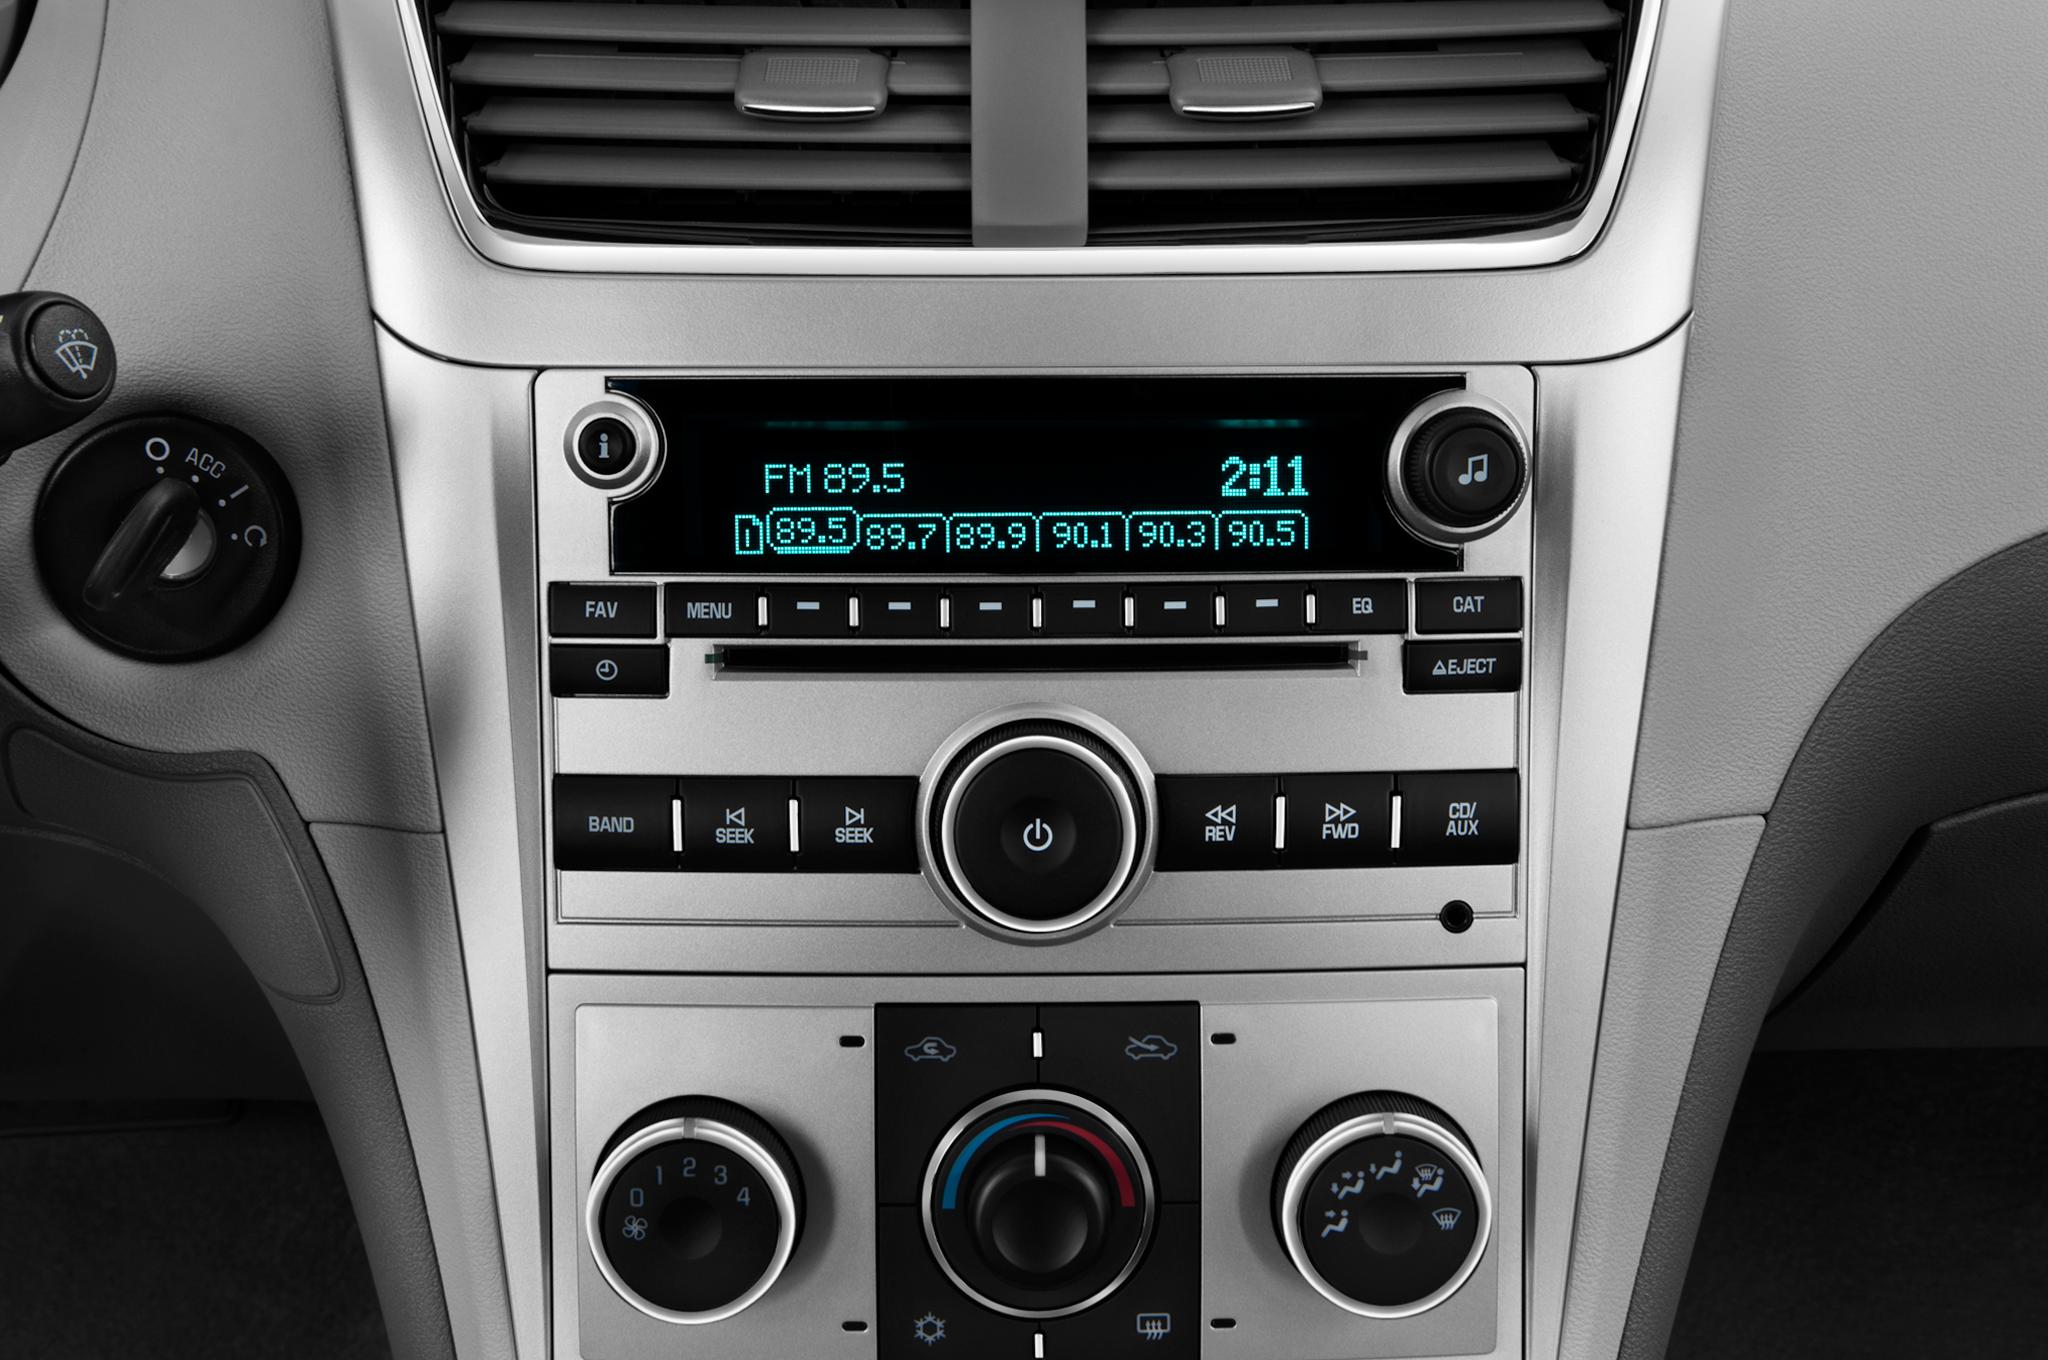 2013 Chevrolet Malibu Launches In Korea